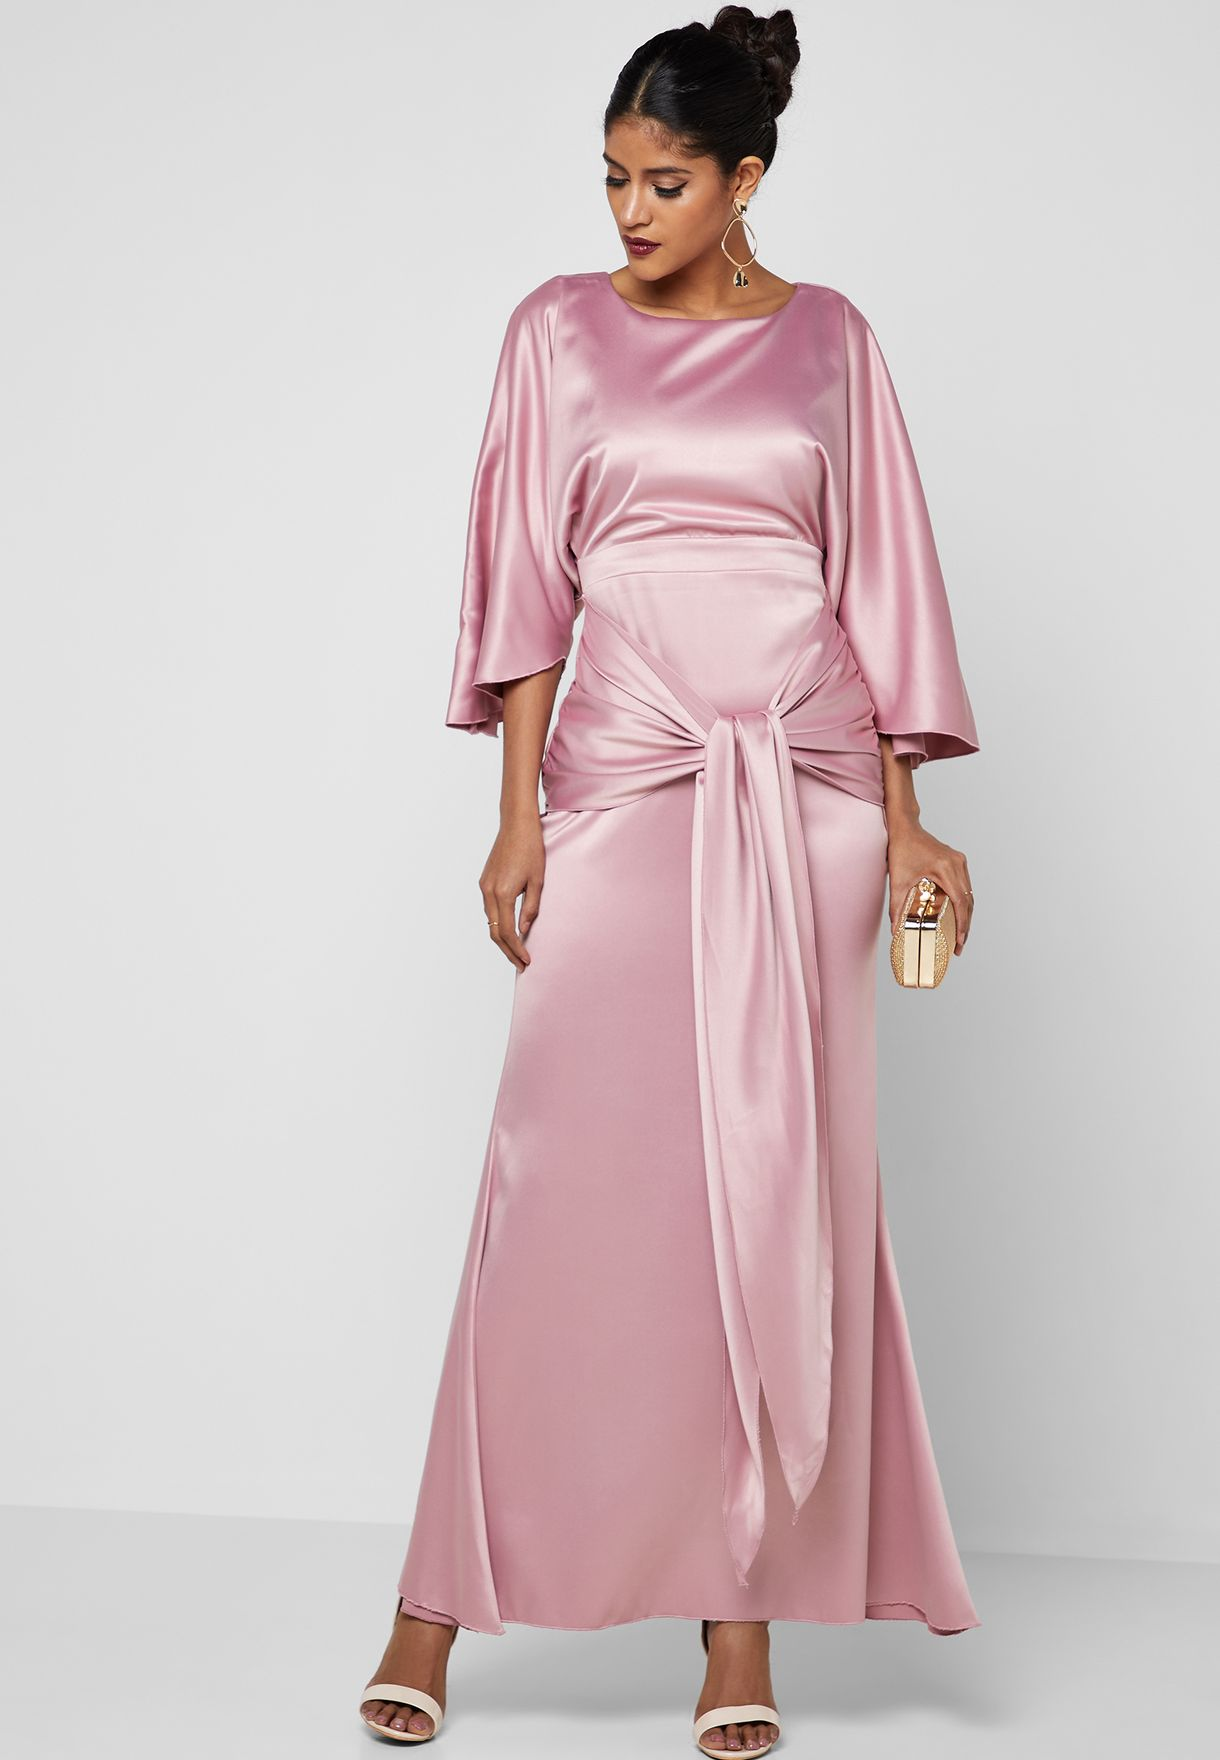 أشكال فستان ستان طويل سادة بكم للمحجبات مناسب للسهرات